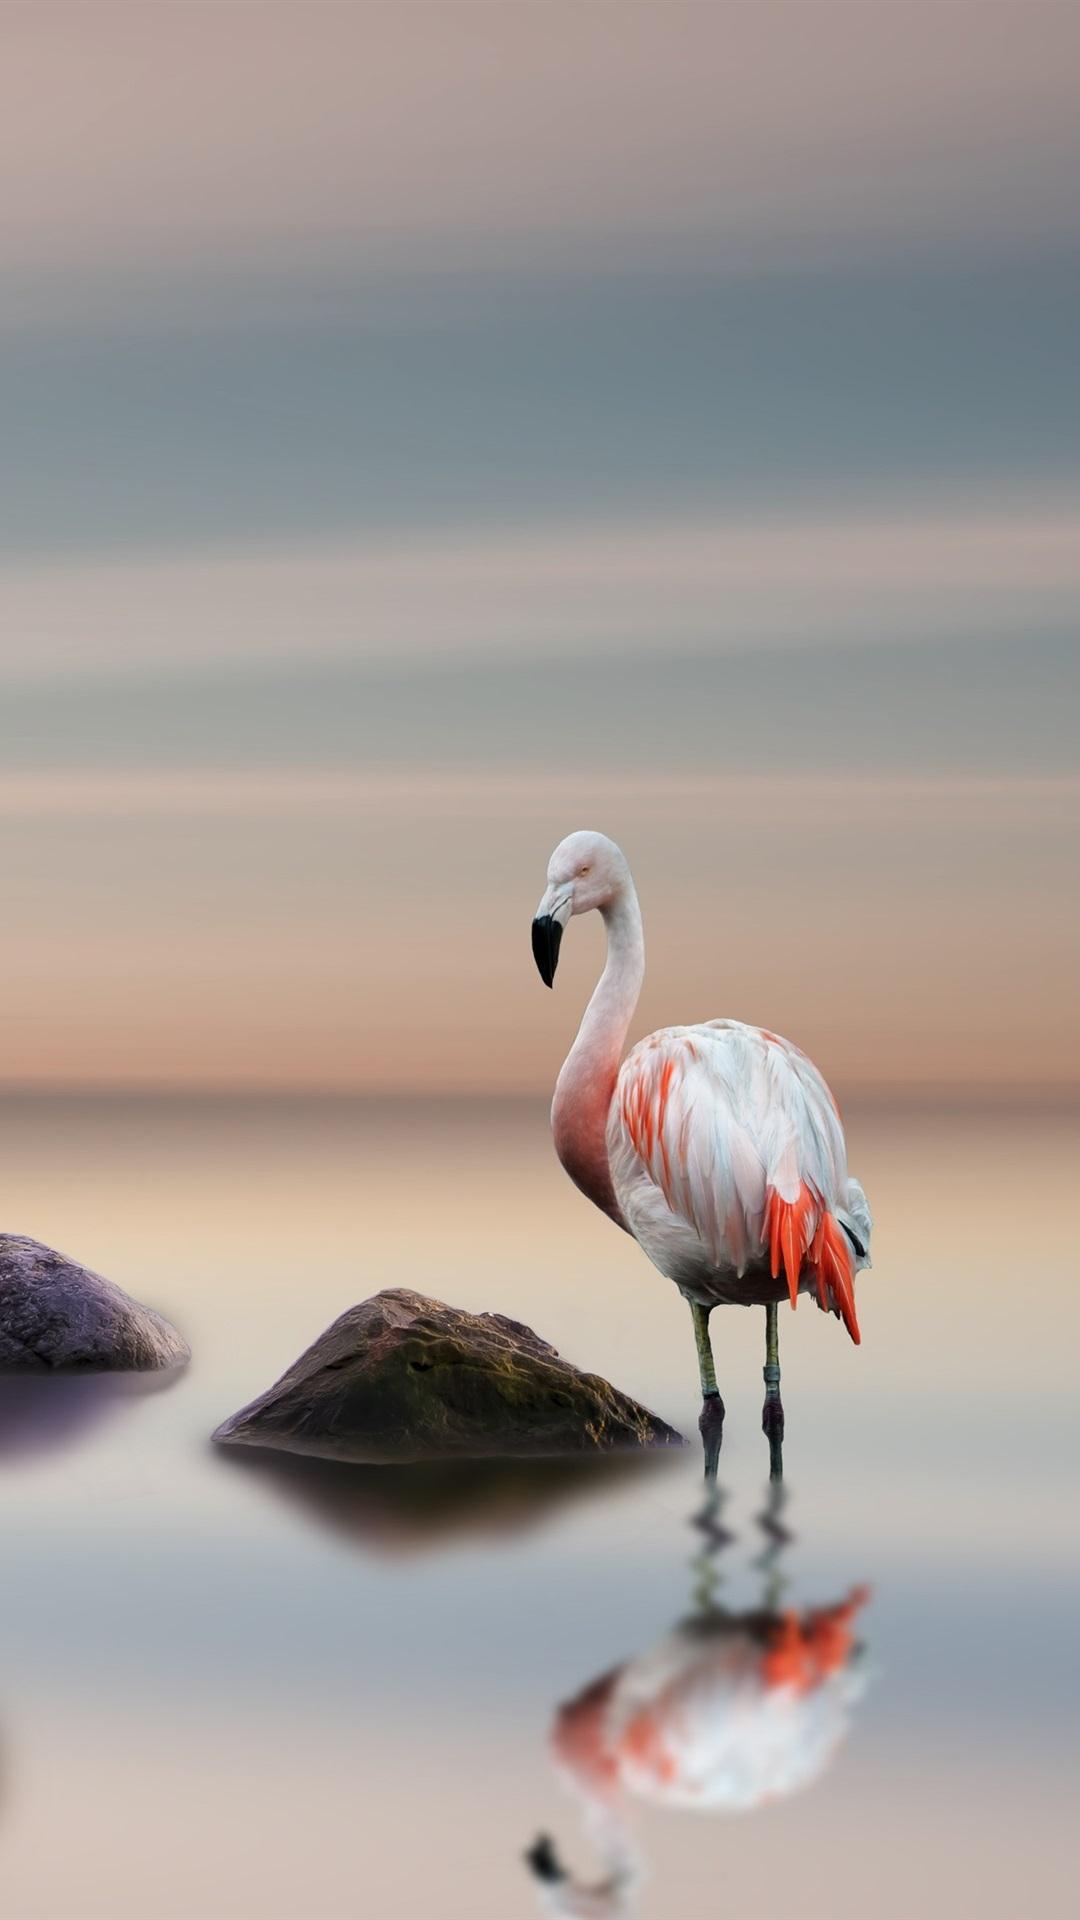 Flamingo Birds Lake Stones 1080x1920 Iphone 8 7 6 6s Plus